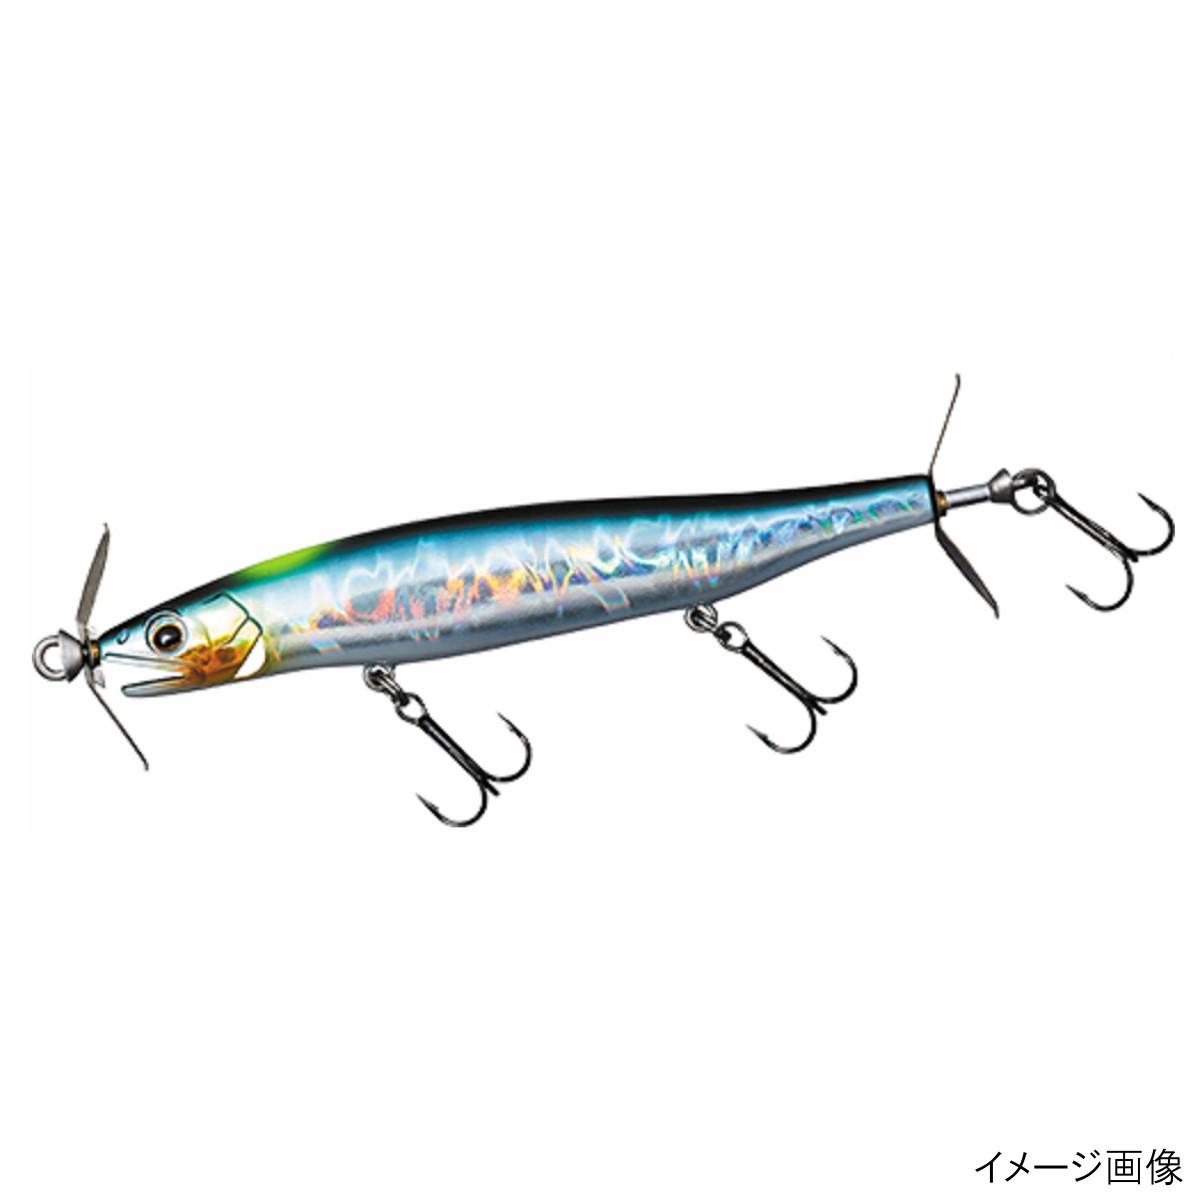 ダイワ ガストネード 110S サイトシャイナー(東日本店)